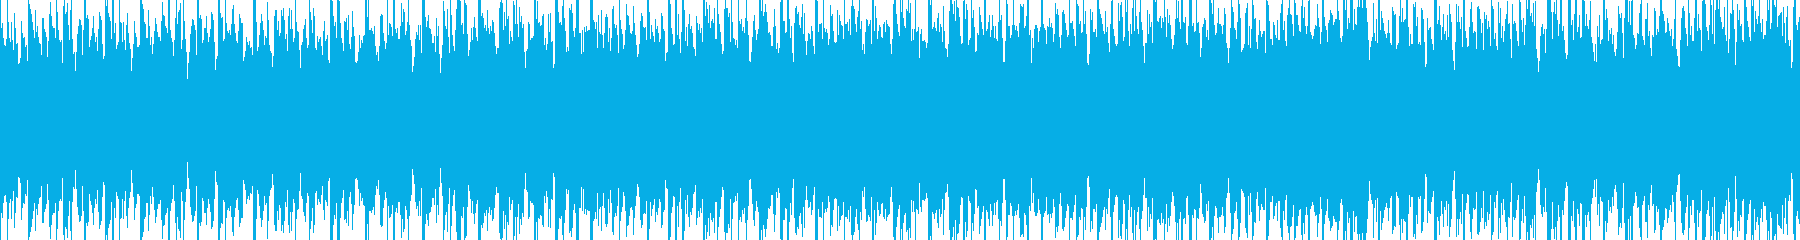 ハードでビート感の強いサイバーなループ曲の再生済みの波形